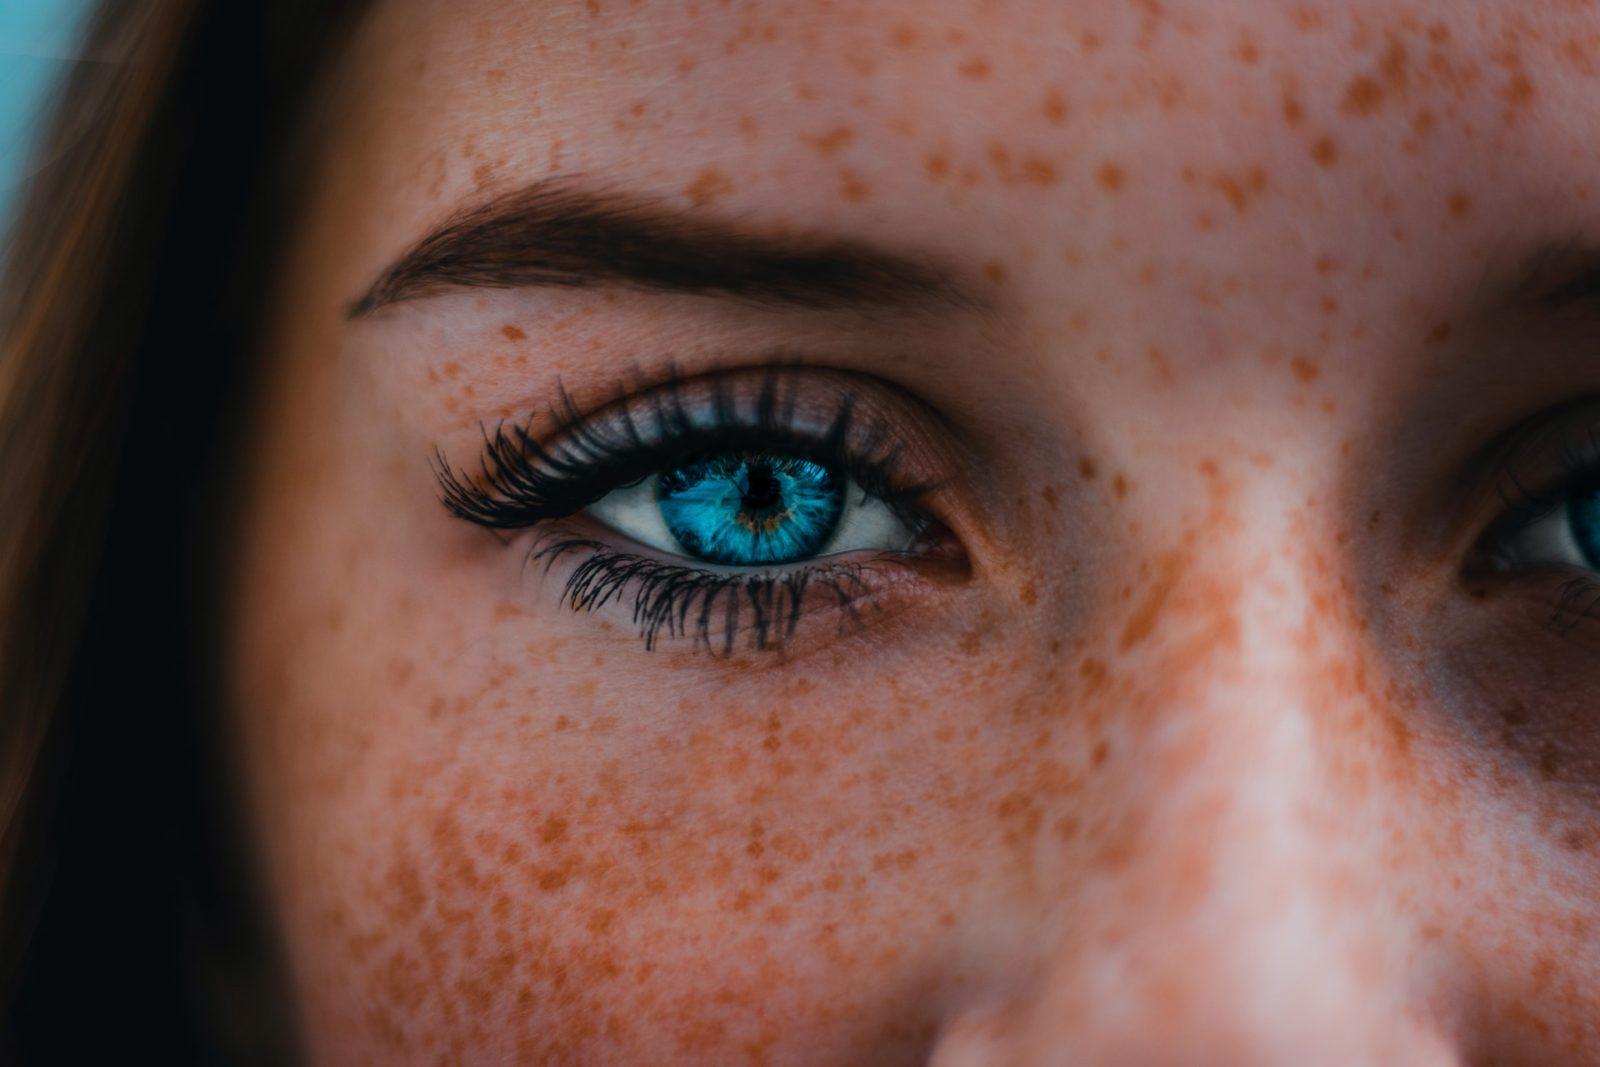 Vrouw met sproetjes, ingezoomd op oog. Vooraanzicht.